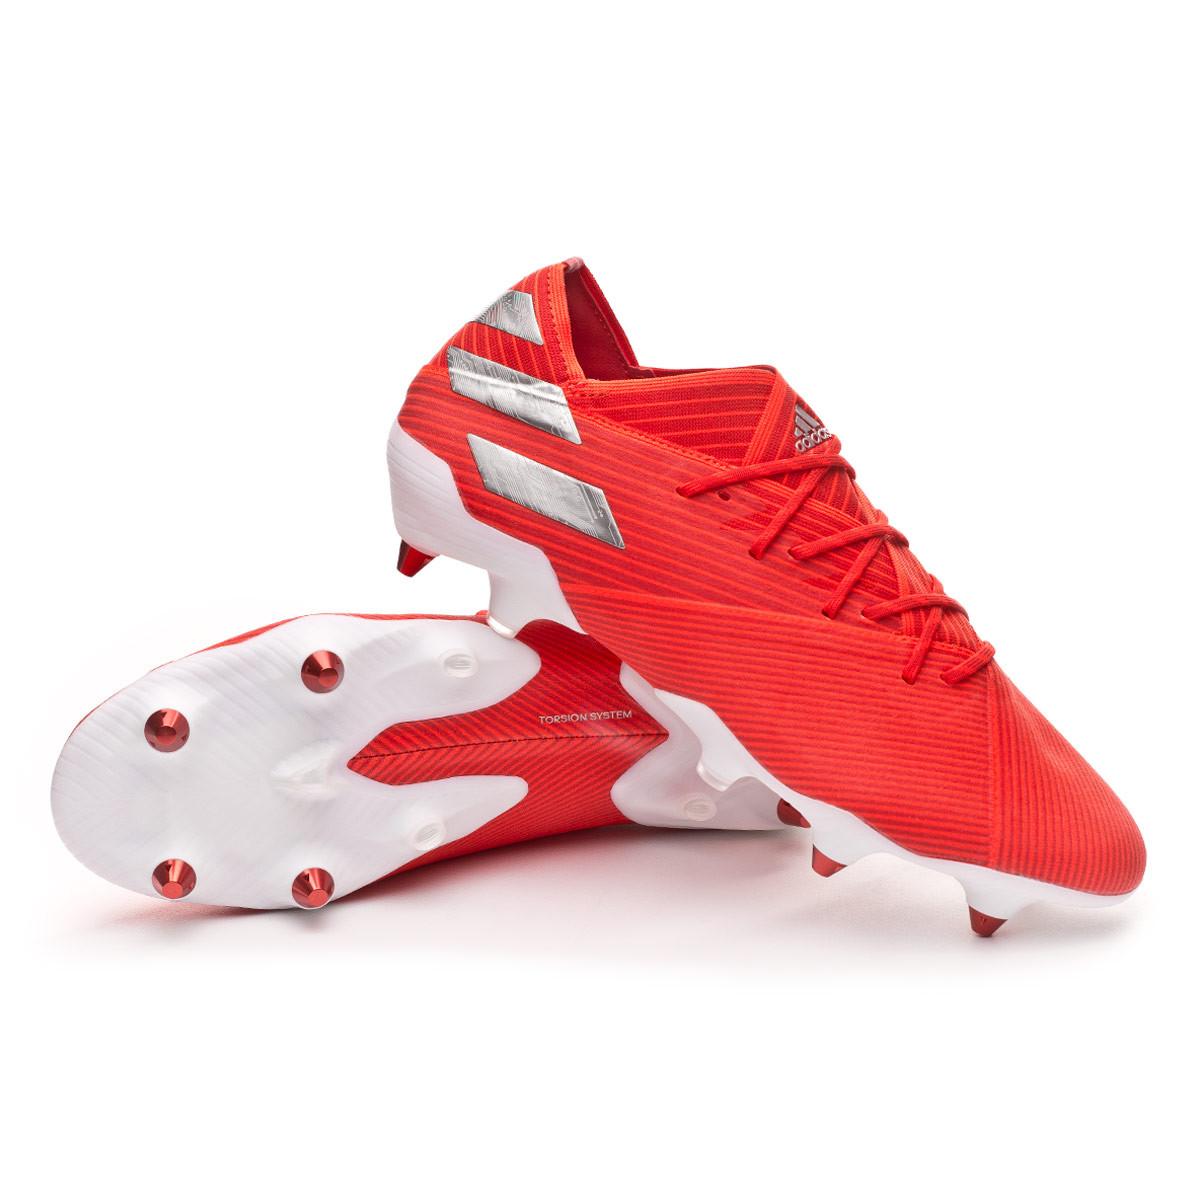 Football Boots adidas Nemeziz 19.1 SG